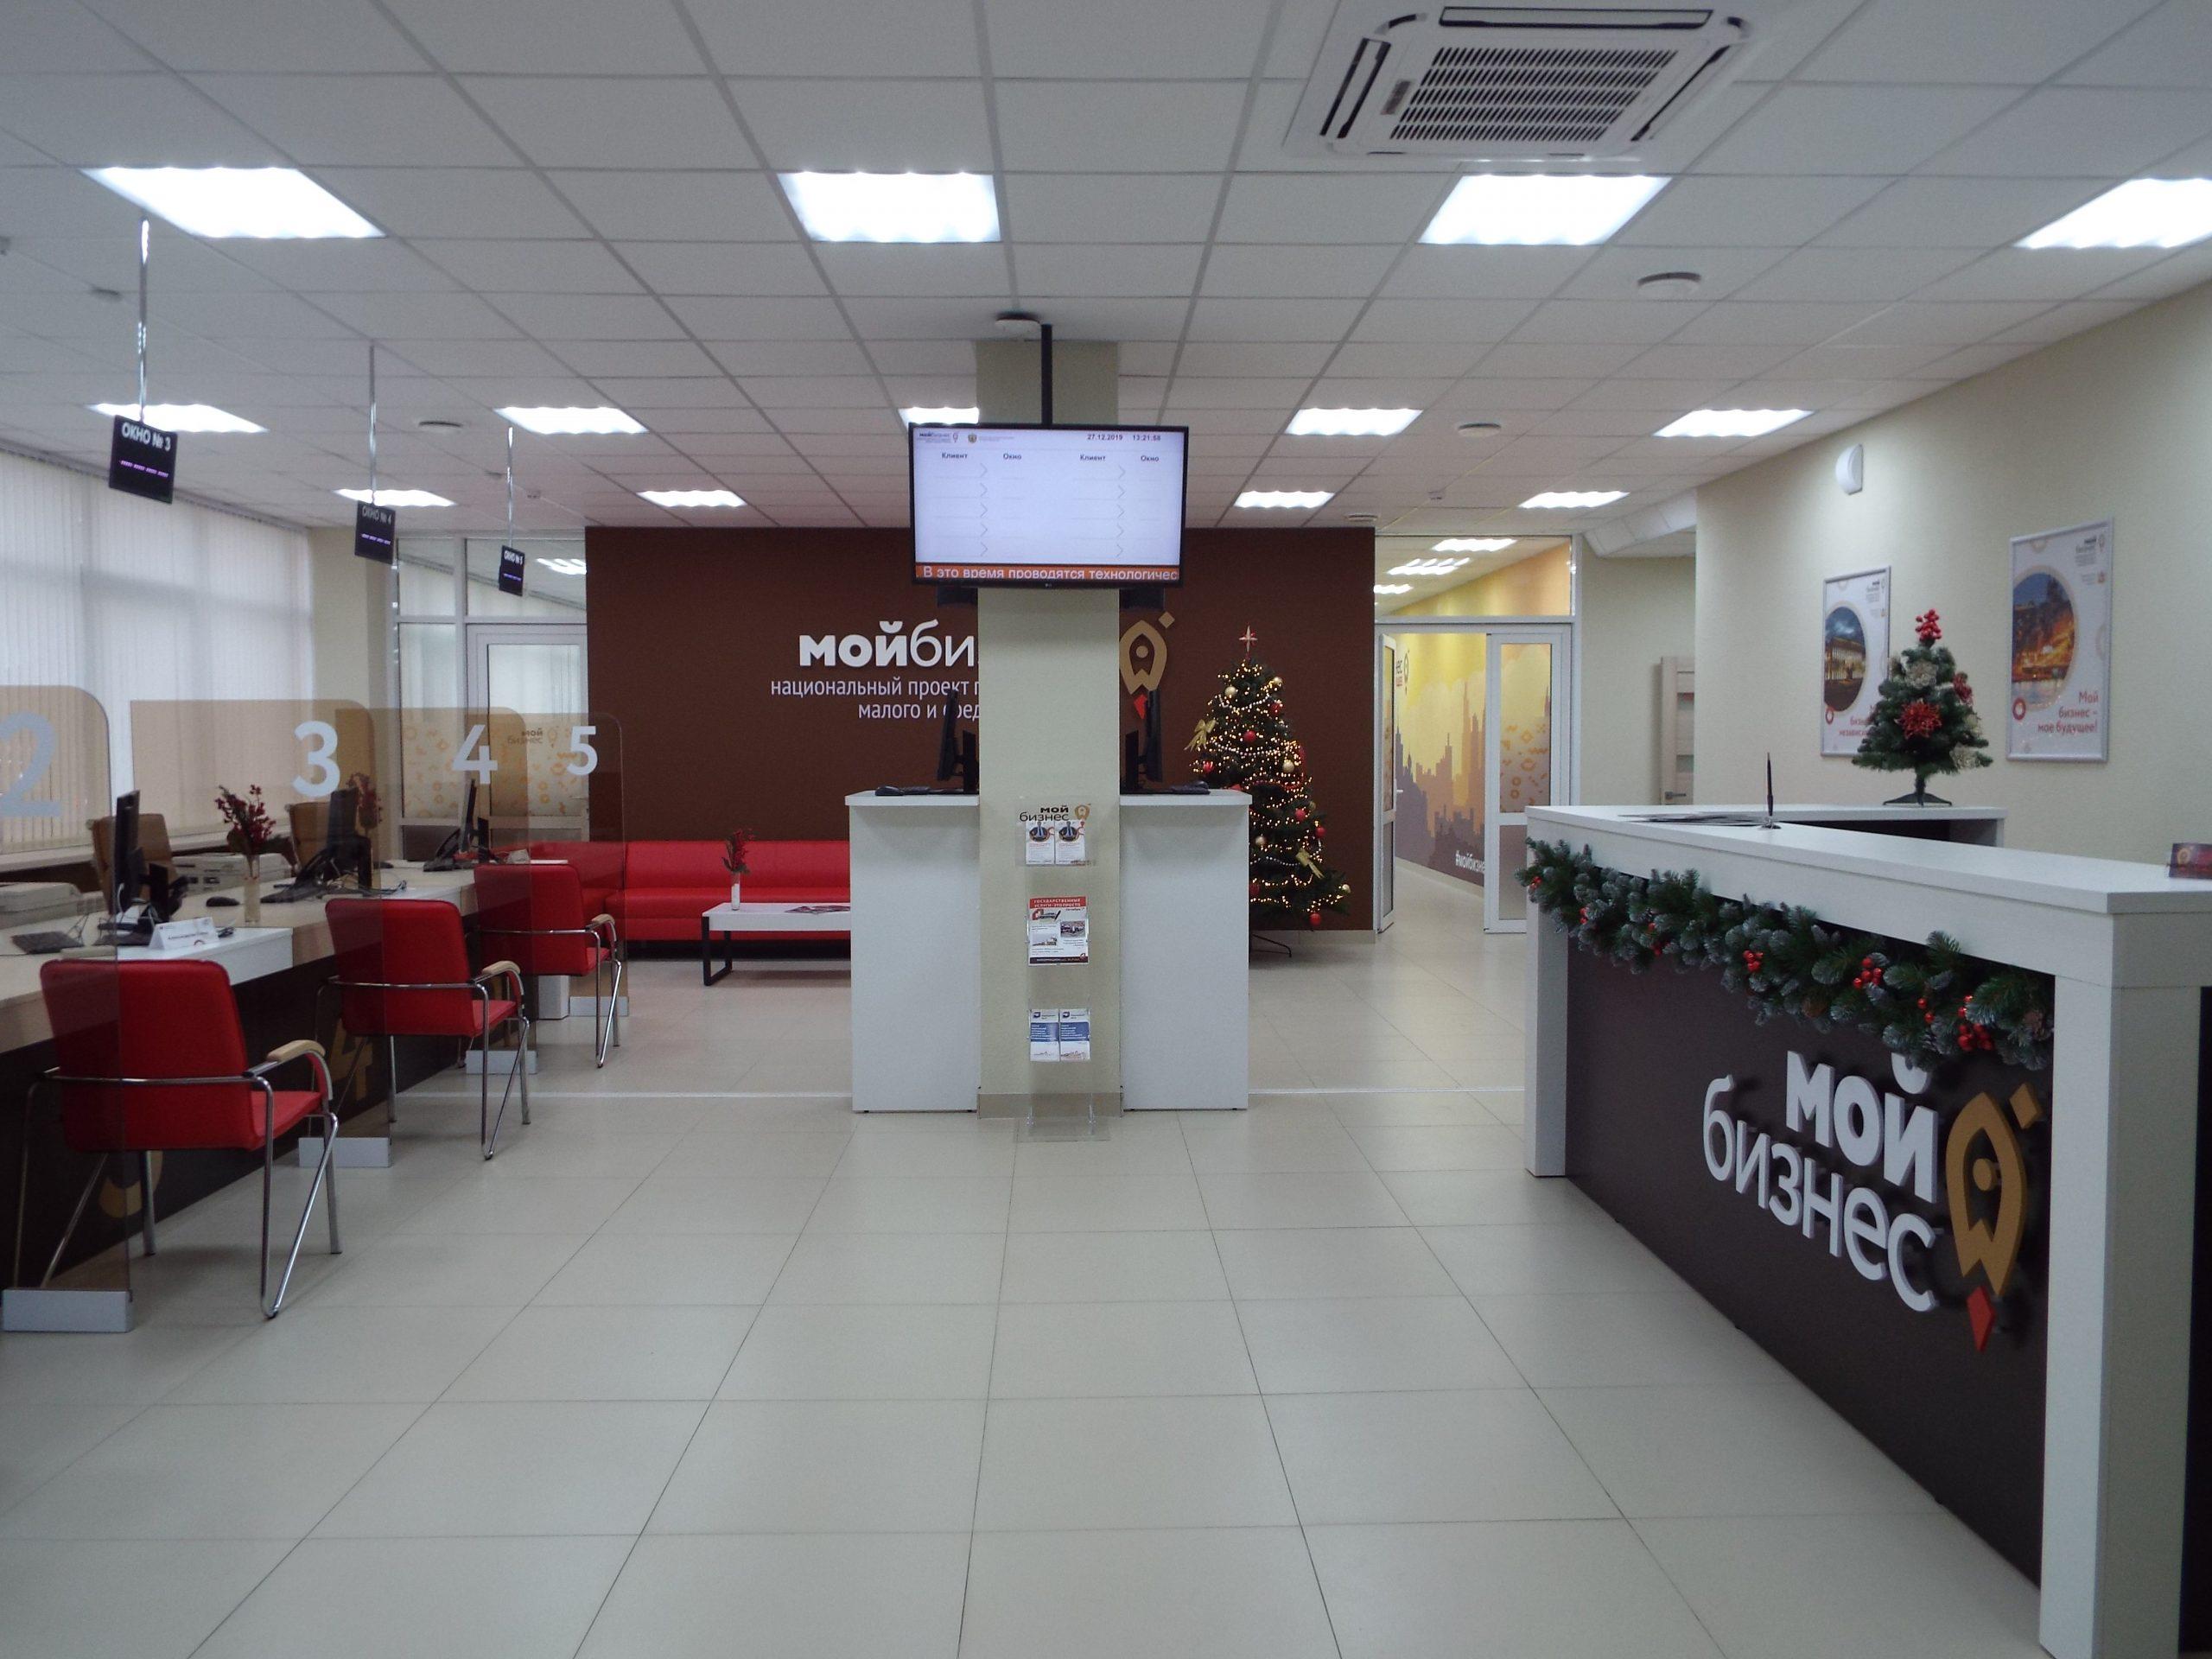 Как в Воронеже построили центр для горожан и предпринимателей